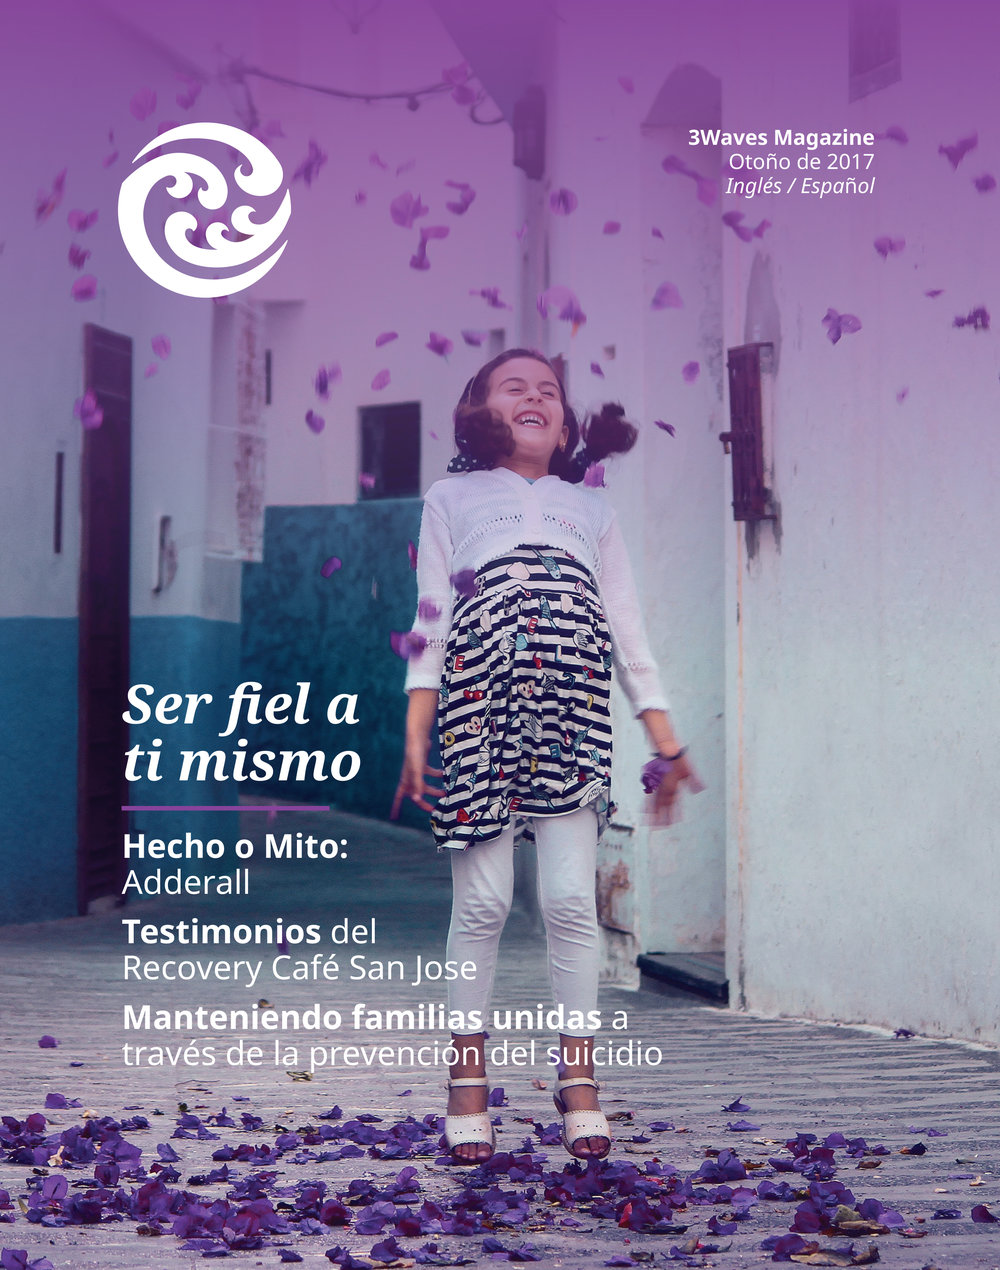 Issue 12 - September 2017: Spanish